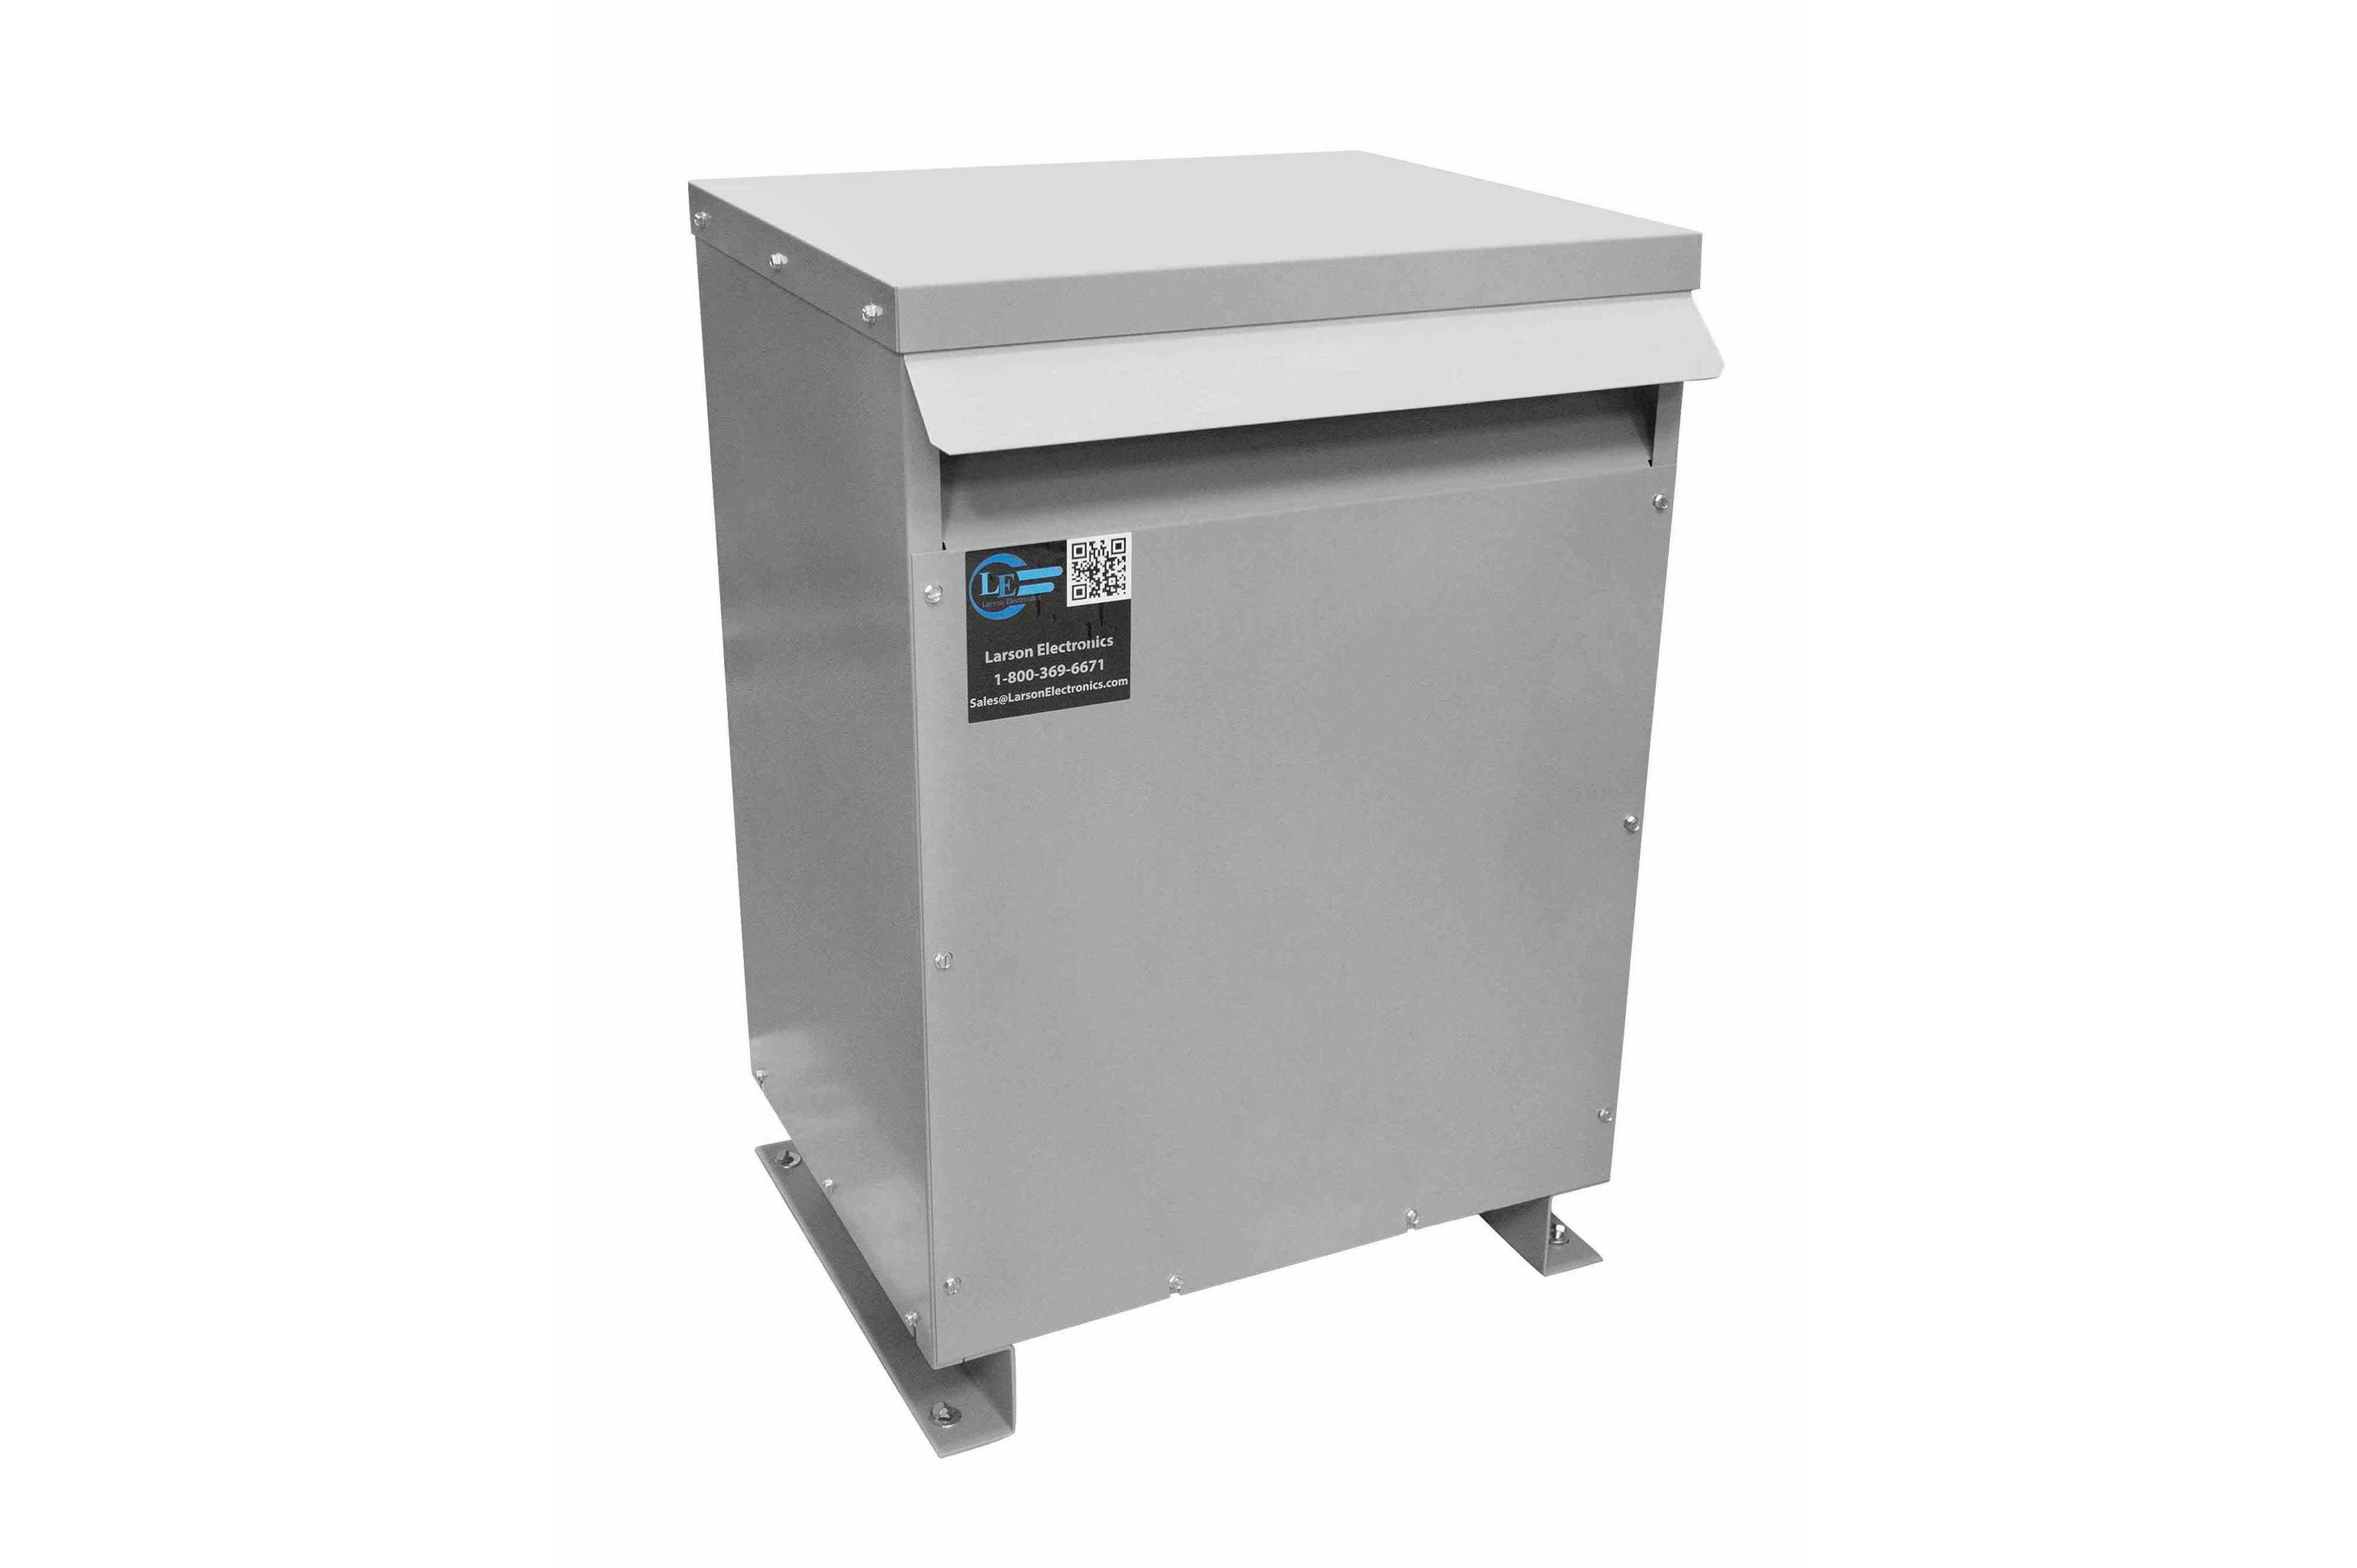 35 kVA 3PH Isolation Transformer, 208V Delta Primary, 400V Delta Secondary, N3R, Ventilated, 60 Hz